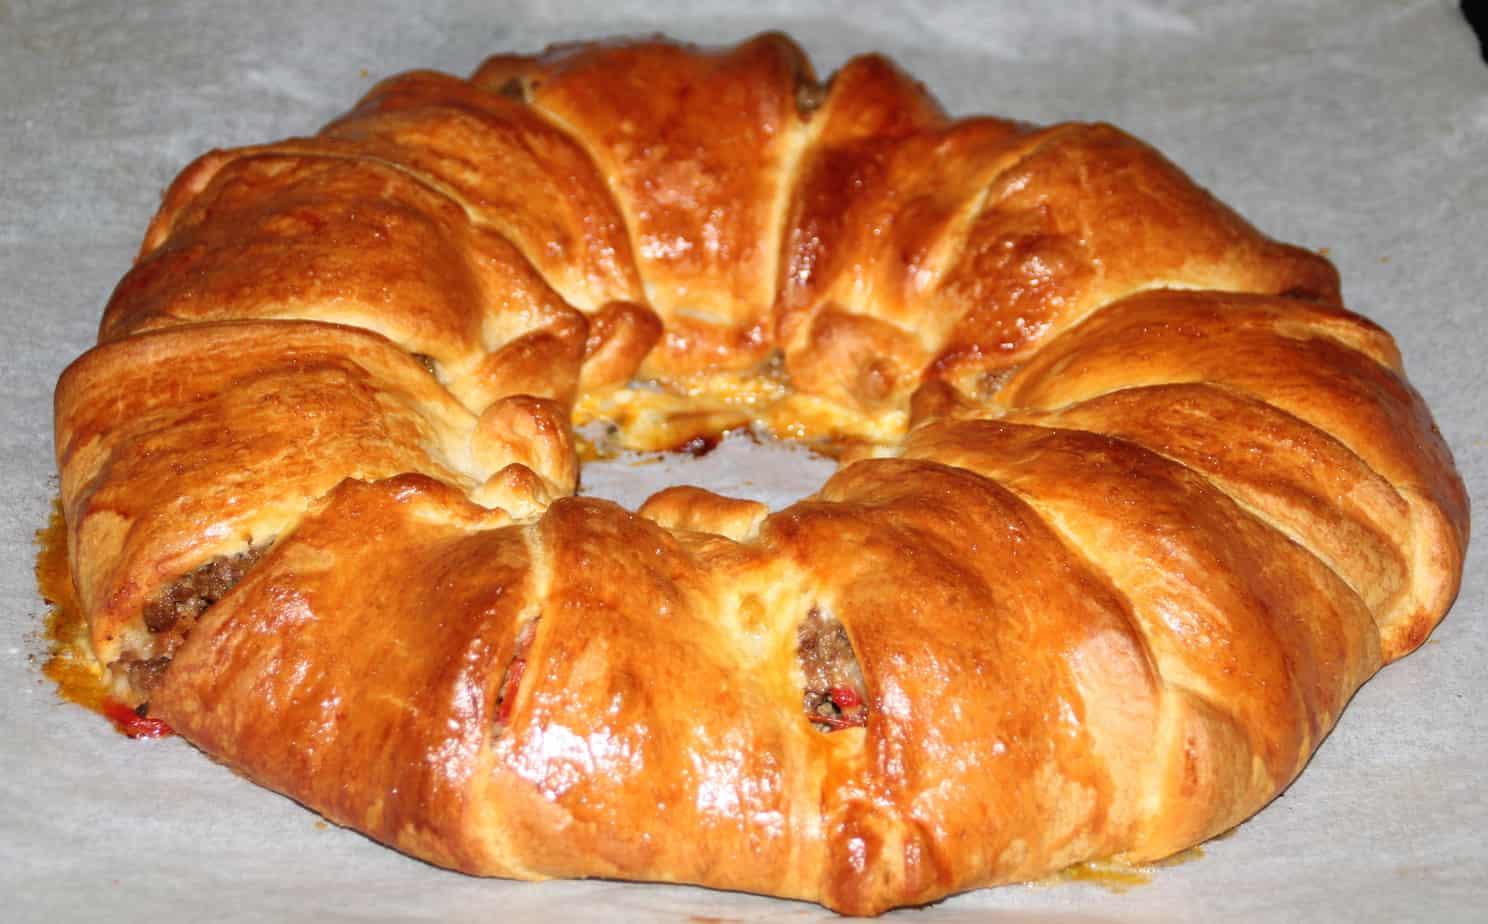 aantal calorieen croissant